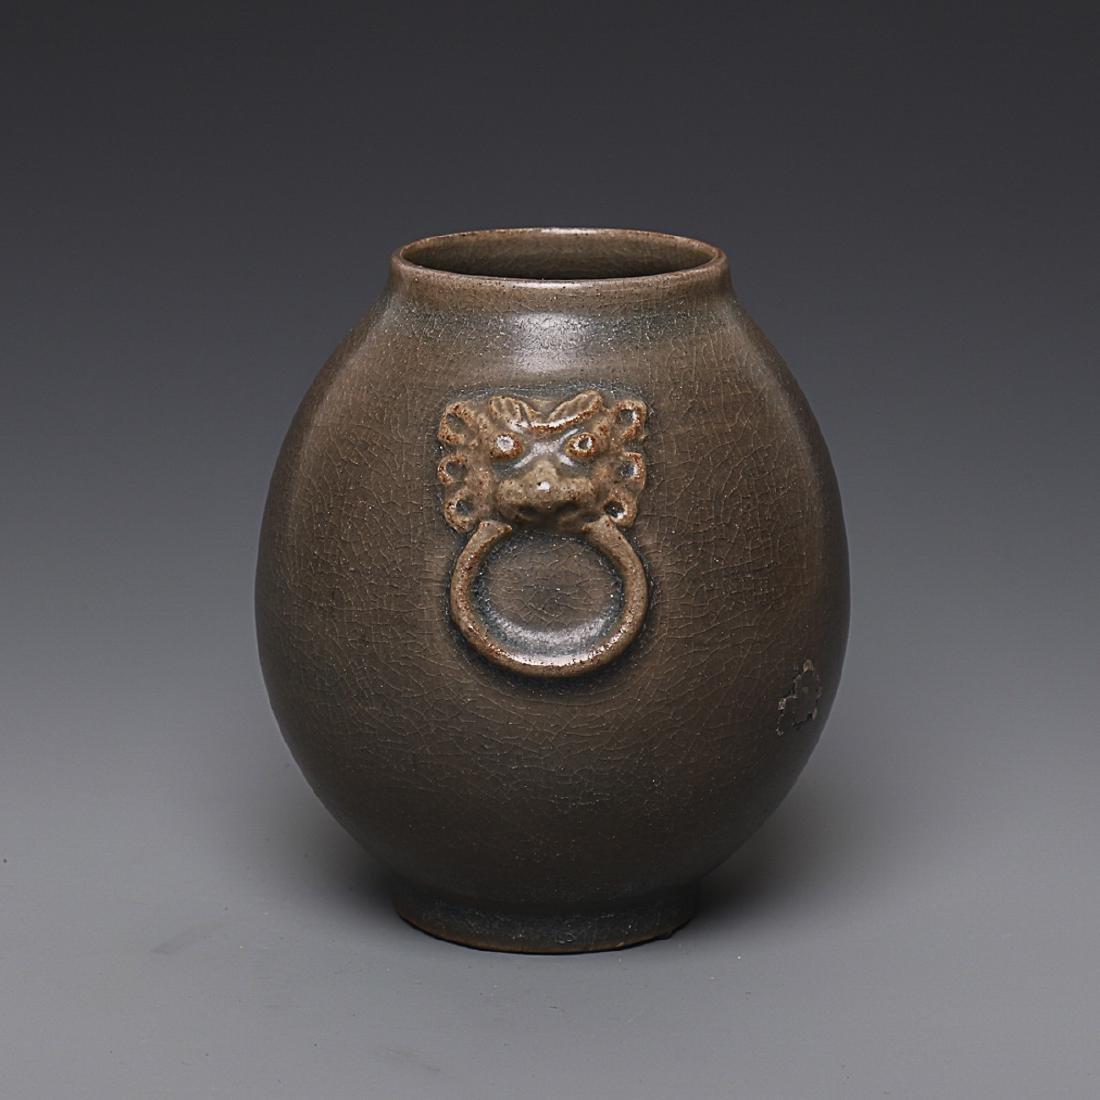 Vintage Chinese Porcelain Jar - 2